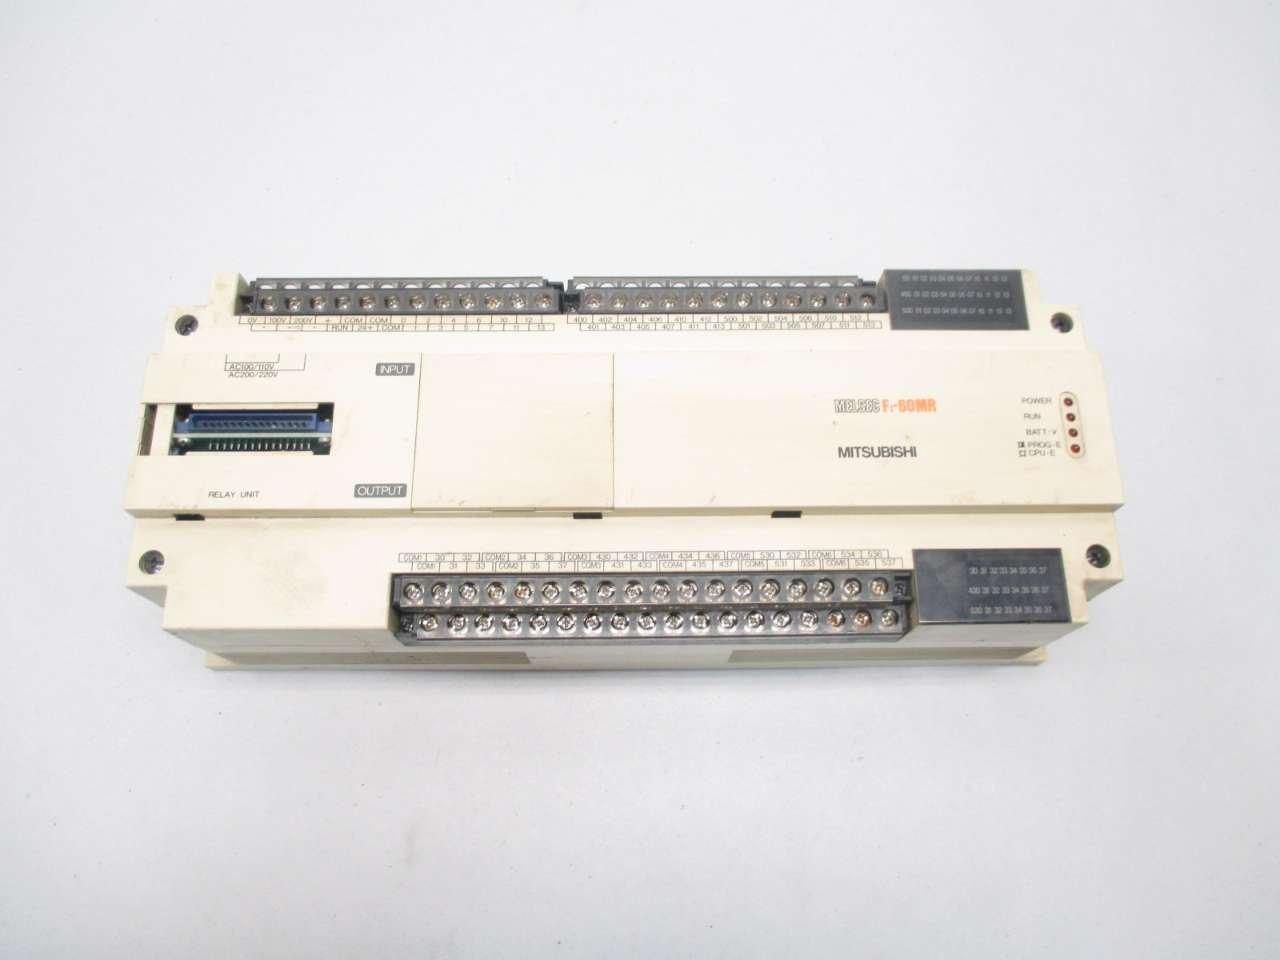 MITSUBISHI F1-60MR MELSEC PROGRAMMABLE 100/110/200/220V 40VA CONTROLLER D474066